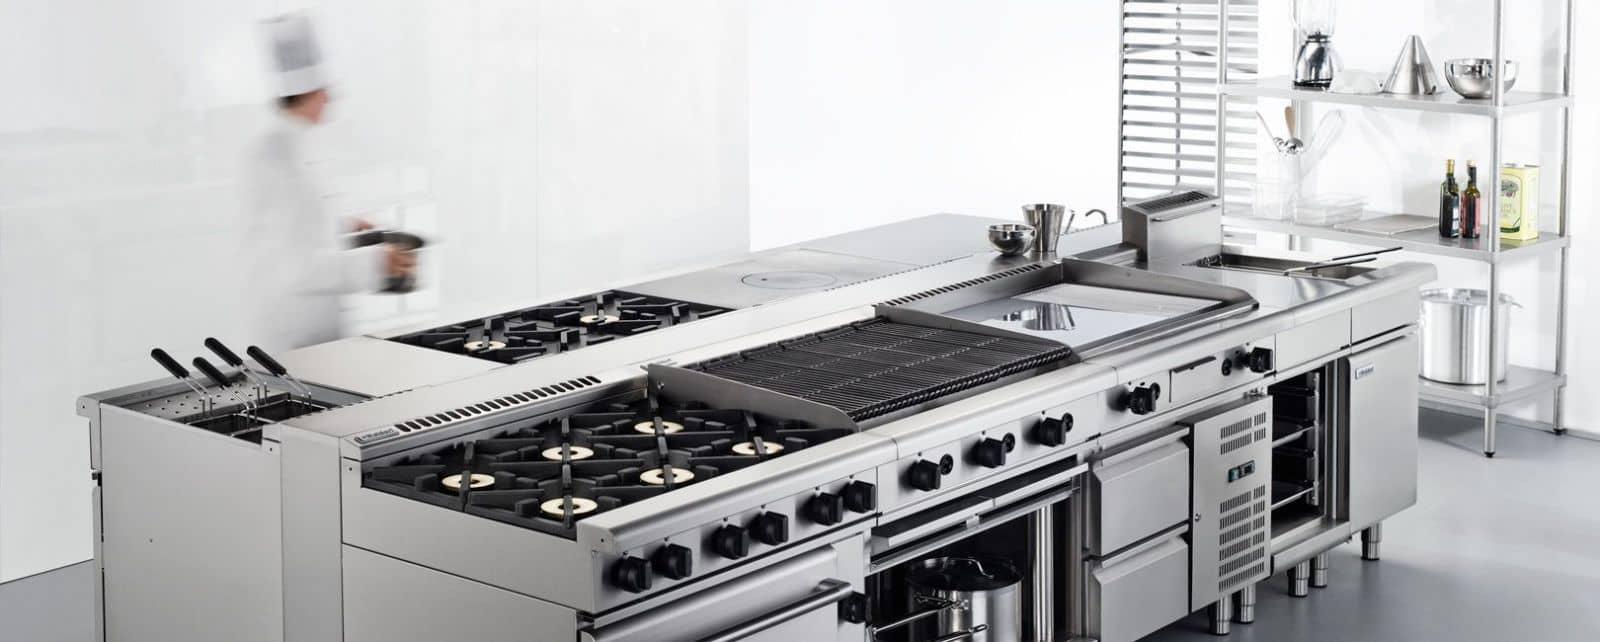 Lắp đặt kho lạnh nhà bếp, lắp đặt kho lạnh, kho lạnh cấp đông, kho đông lạnh bảo quản thực phẩm tại nhà bếp. Làm kho lạnh công nghiệp, kho cấp đông, kho lạnh bảo quản công nghiệp. Báo giá thi công lắp đặt kho lạnh nhà bếp, phòng bếp nhanh chóng chi tiết chính xác liên hệ 0944.899.886.